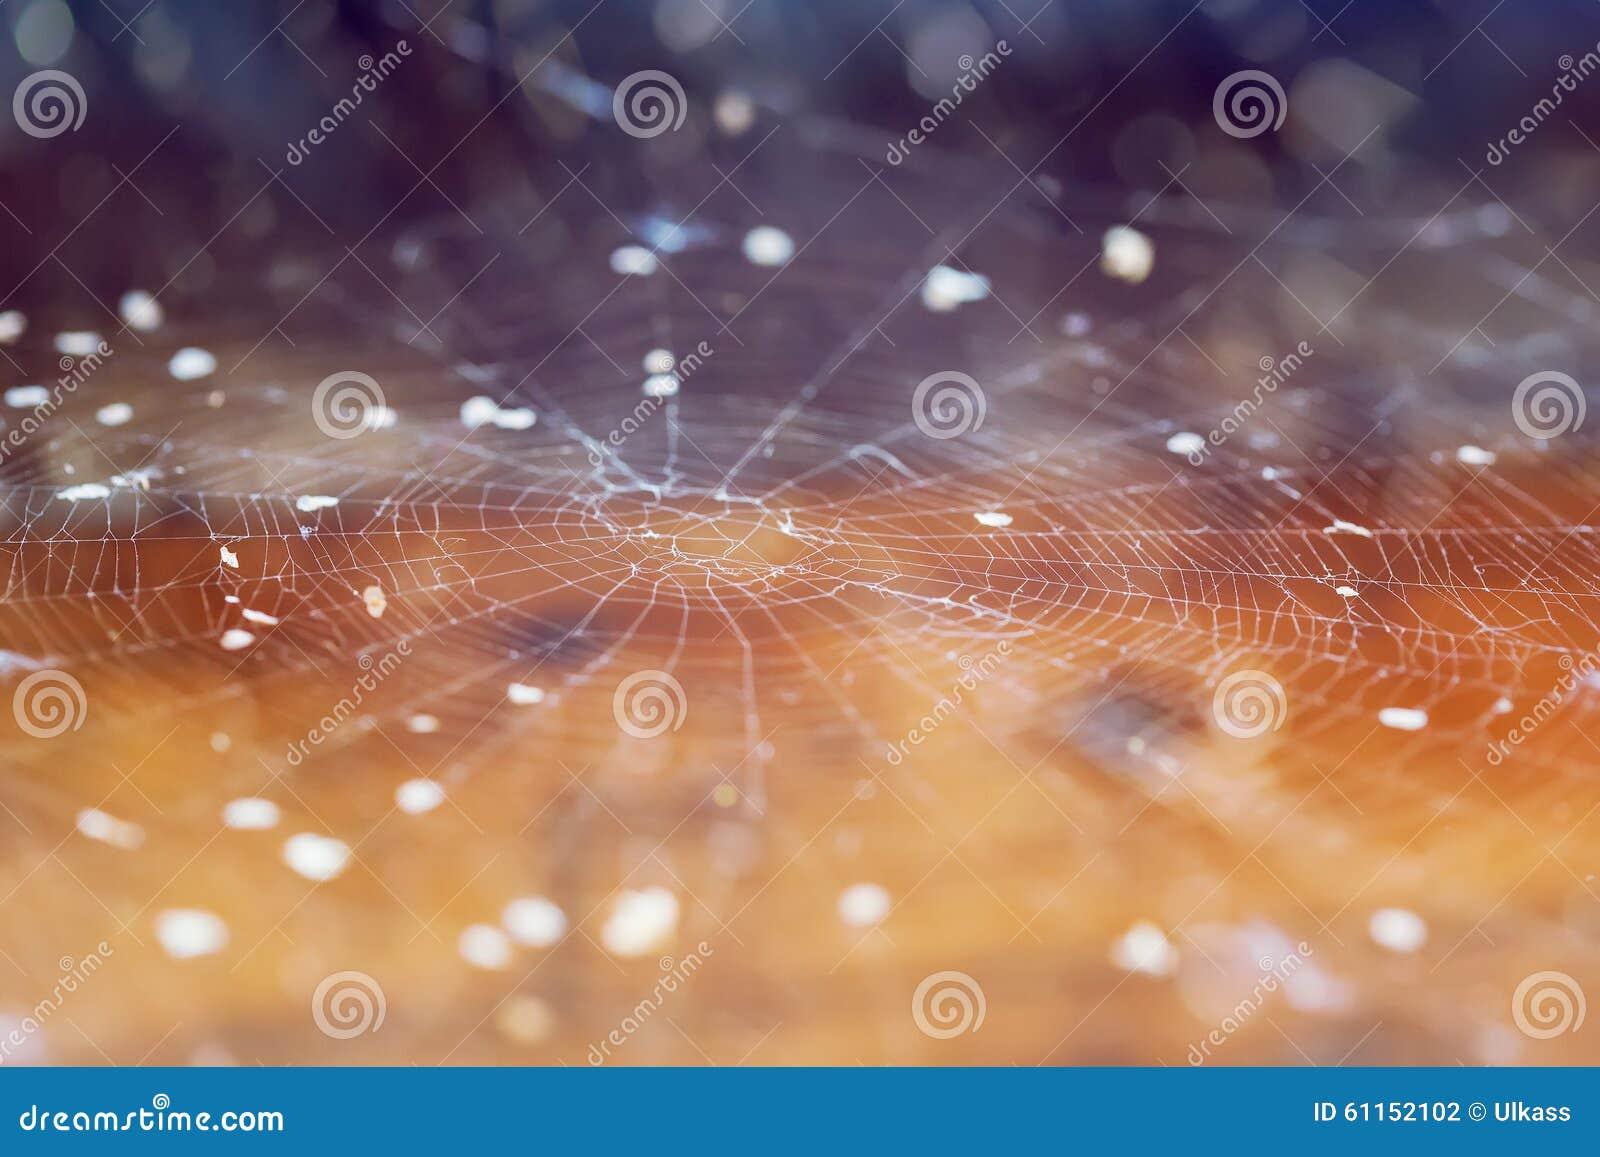 Spider Web Cobweb Autumn Background Stock Photo Image Of Netting Morning 61152102